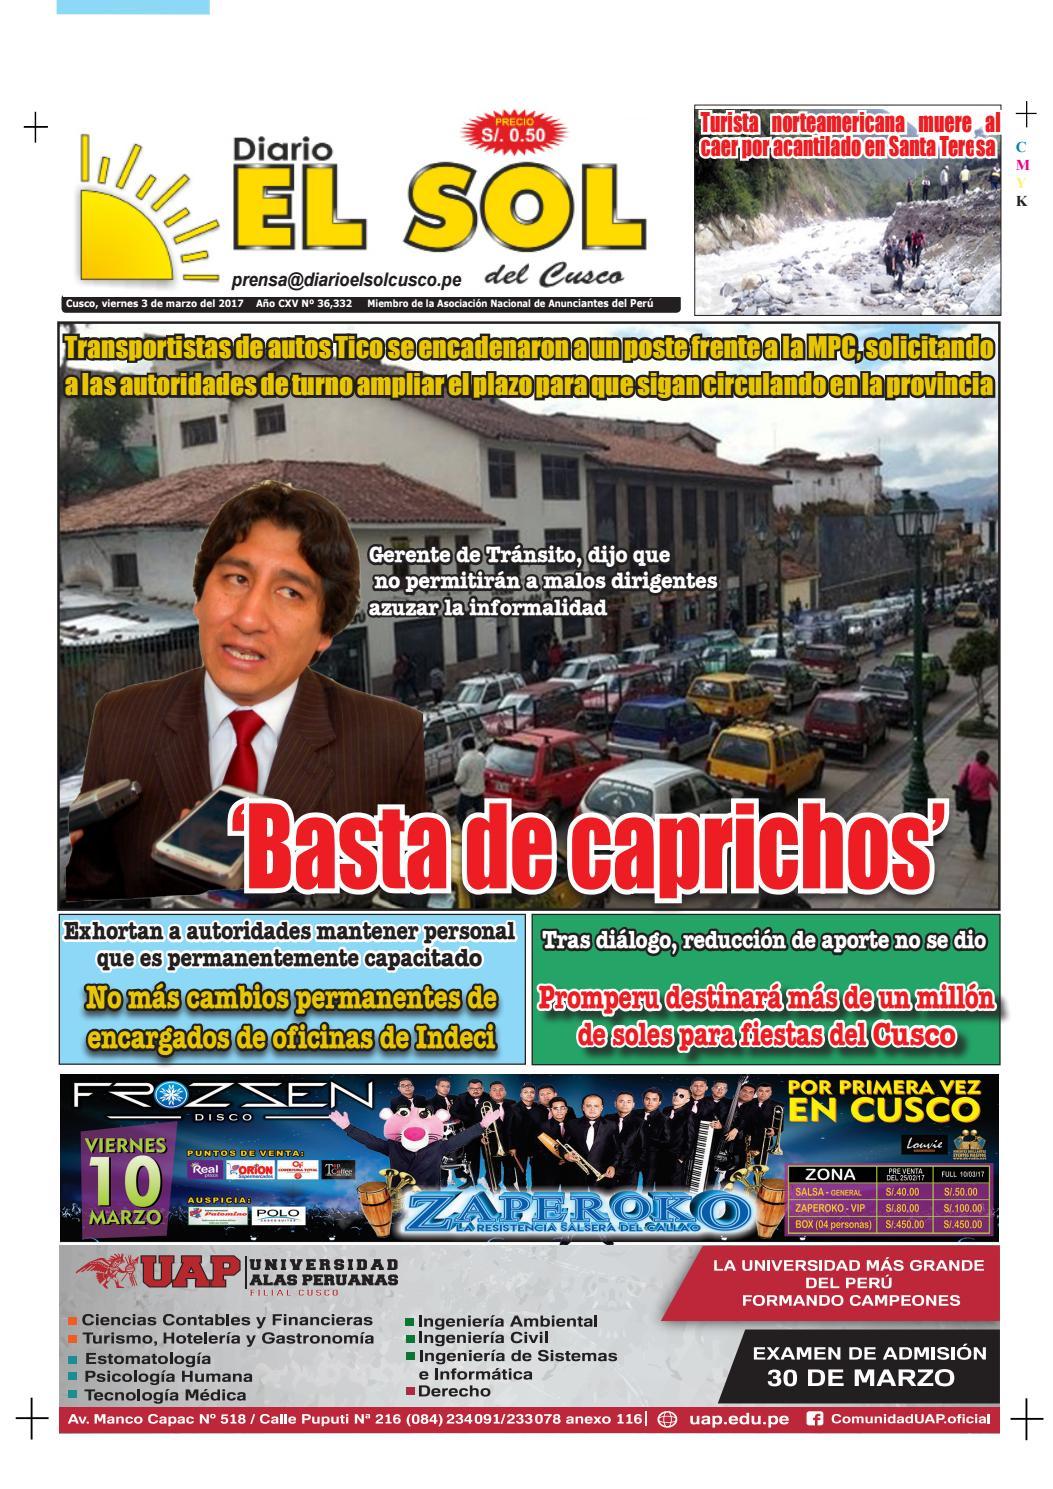 Diario El Sol del Cusco - 03 de marzo del 2017 Edición Digital by ...